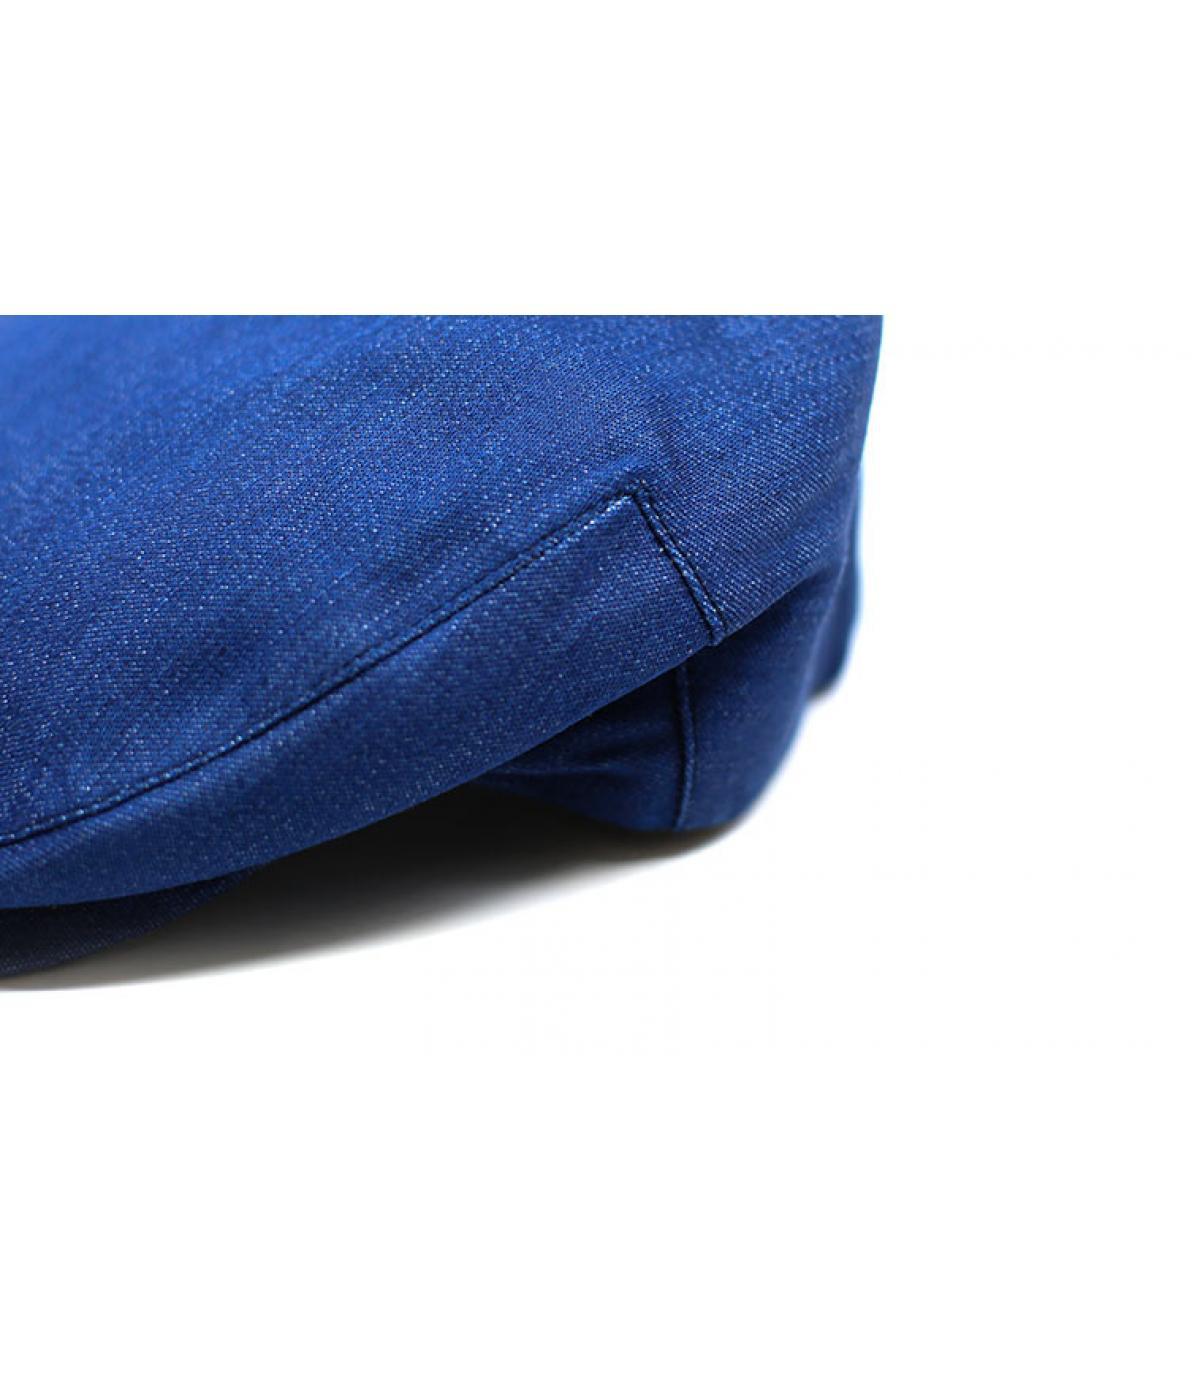 Détails Piemonte Jeans - image 3